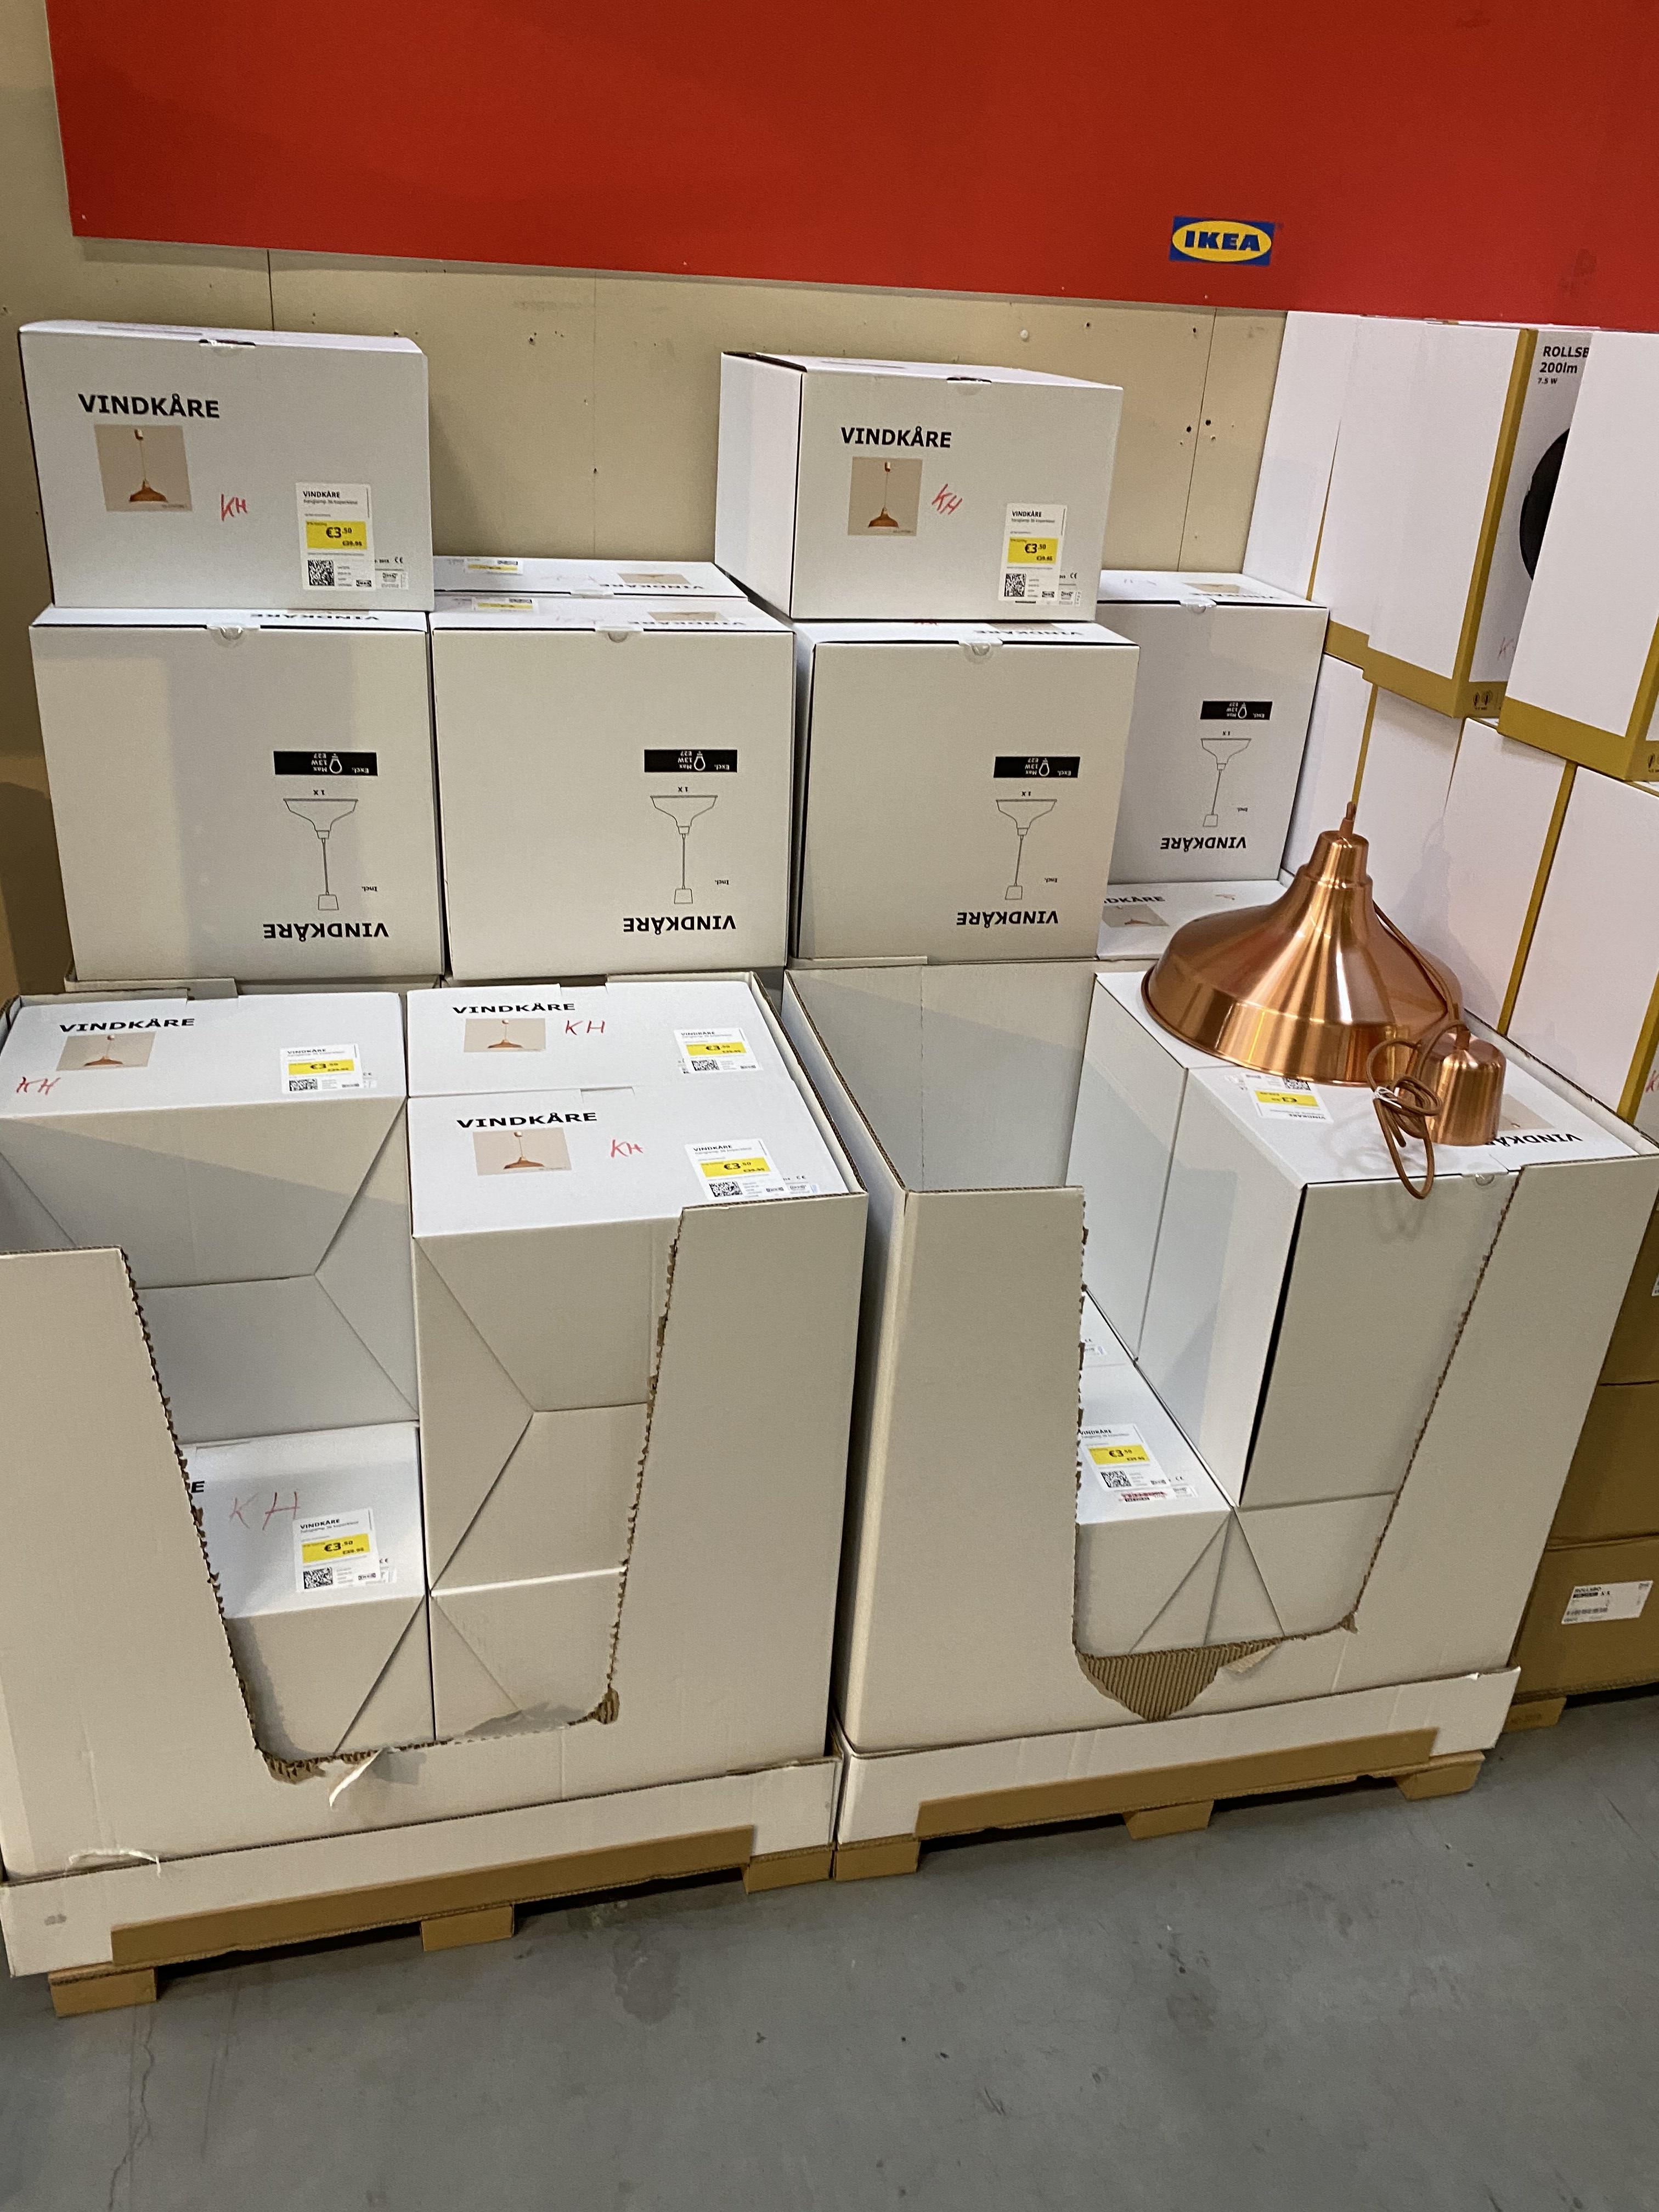 Ikea vindkare hanglamp 36cm koper @Ikea Barendrecht